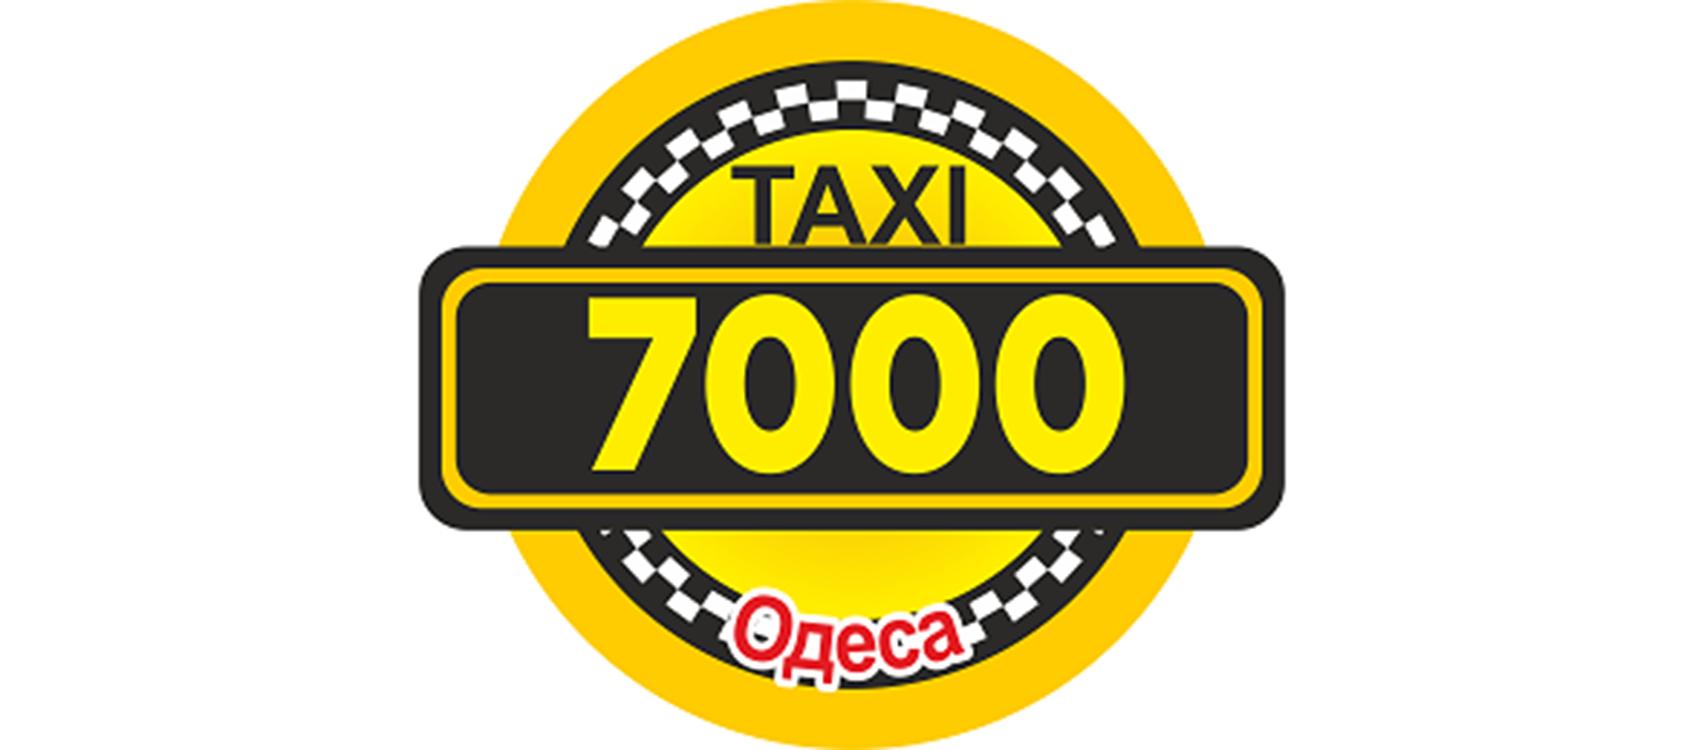 Таксі Економ 7000  (Одеса)